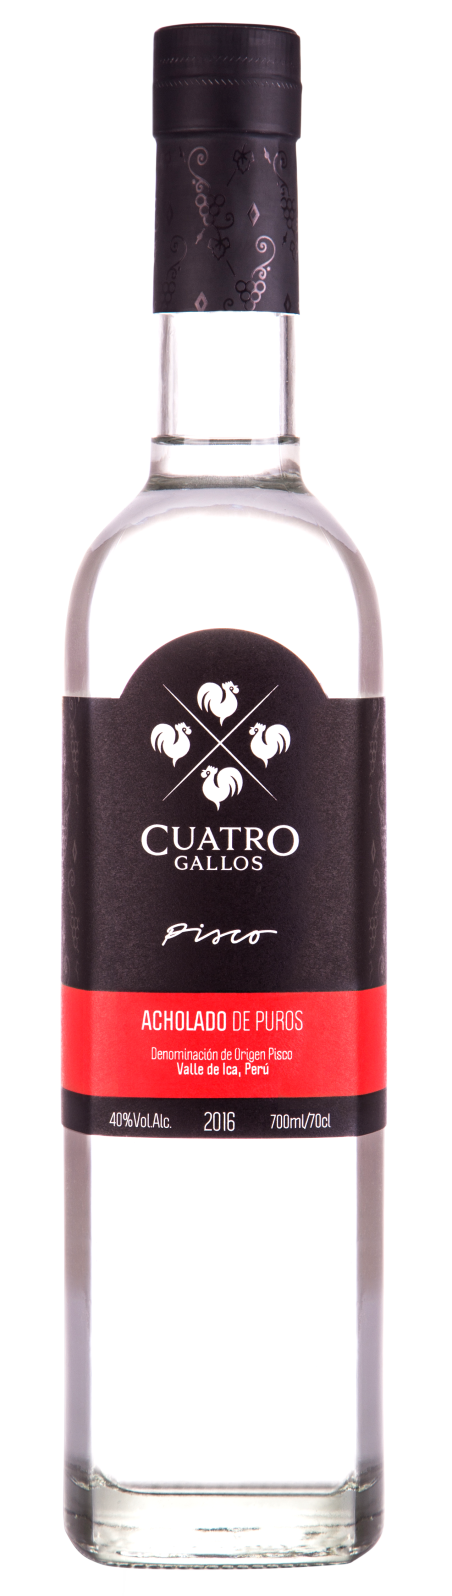 CuatroGallos-Puro_700_Acholado